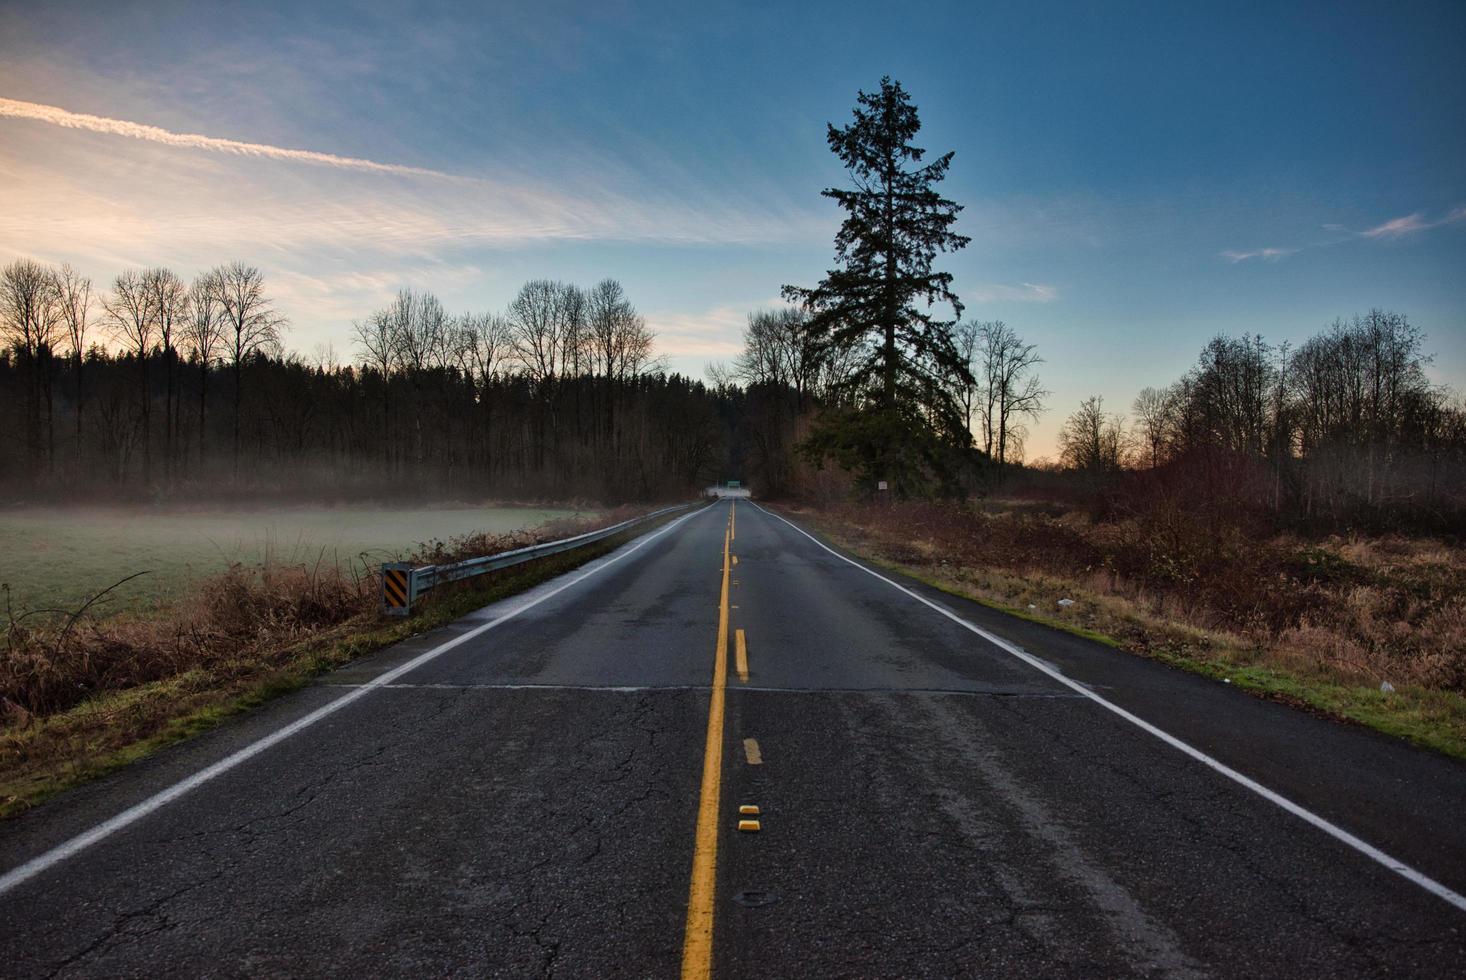 autostrada accanto alla montagna foto